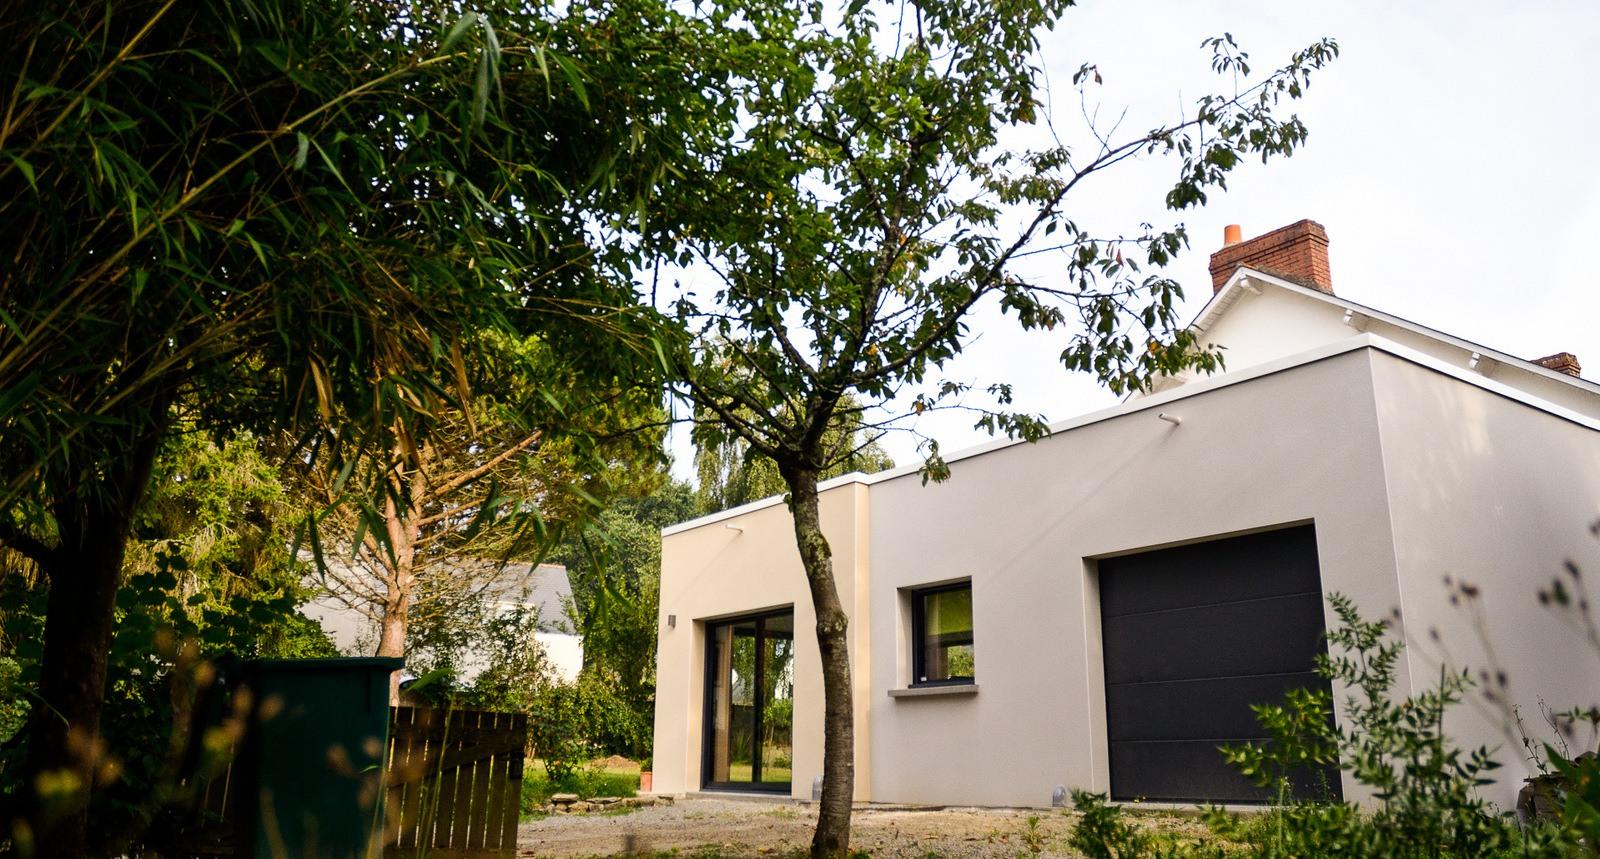 Faire Une Fenetre Dans Un Mur Porteur Prix quel est le prix d'un garage en dur ? - agrandir ma maison